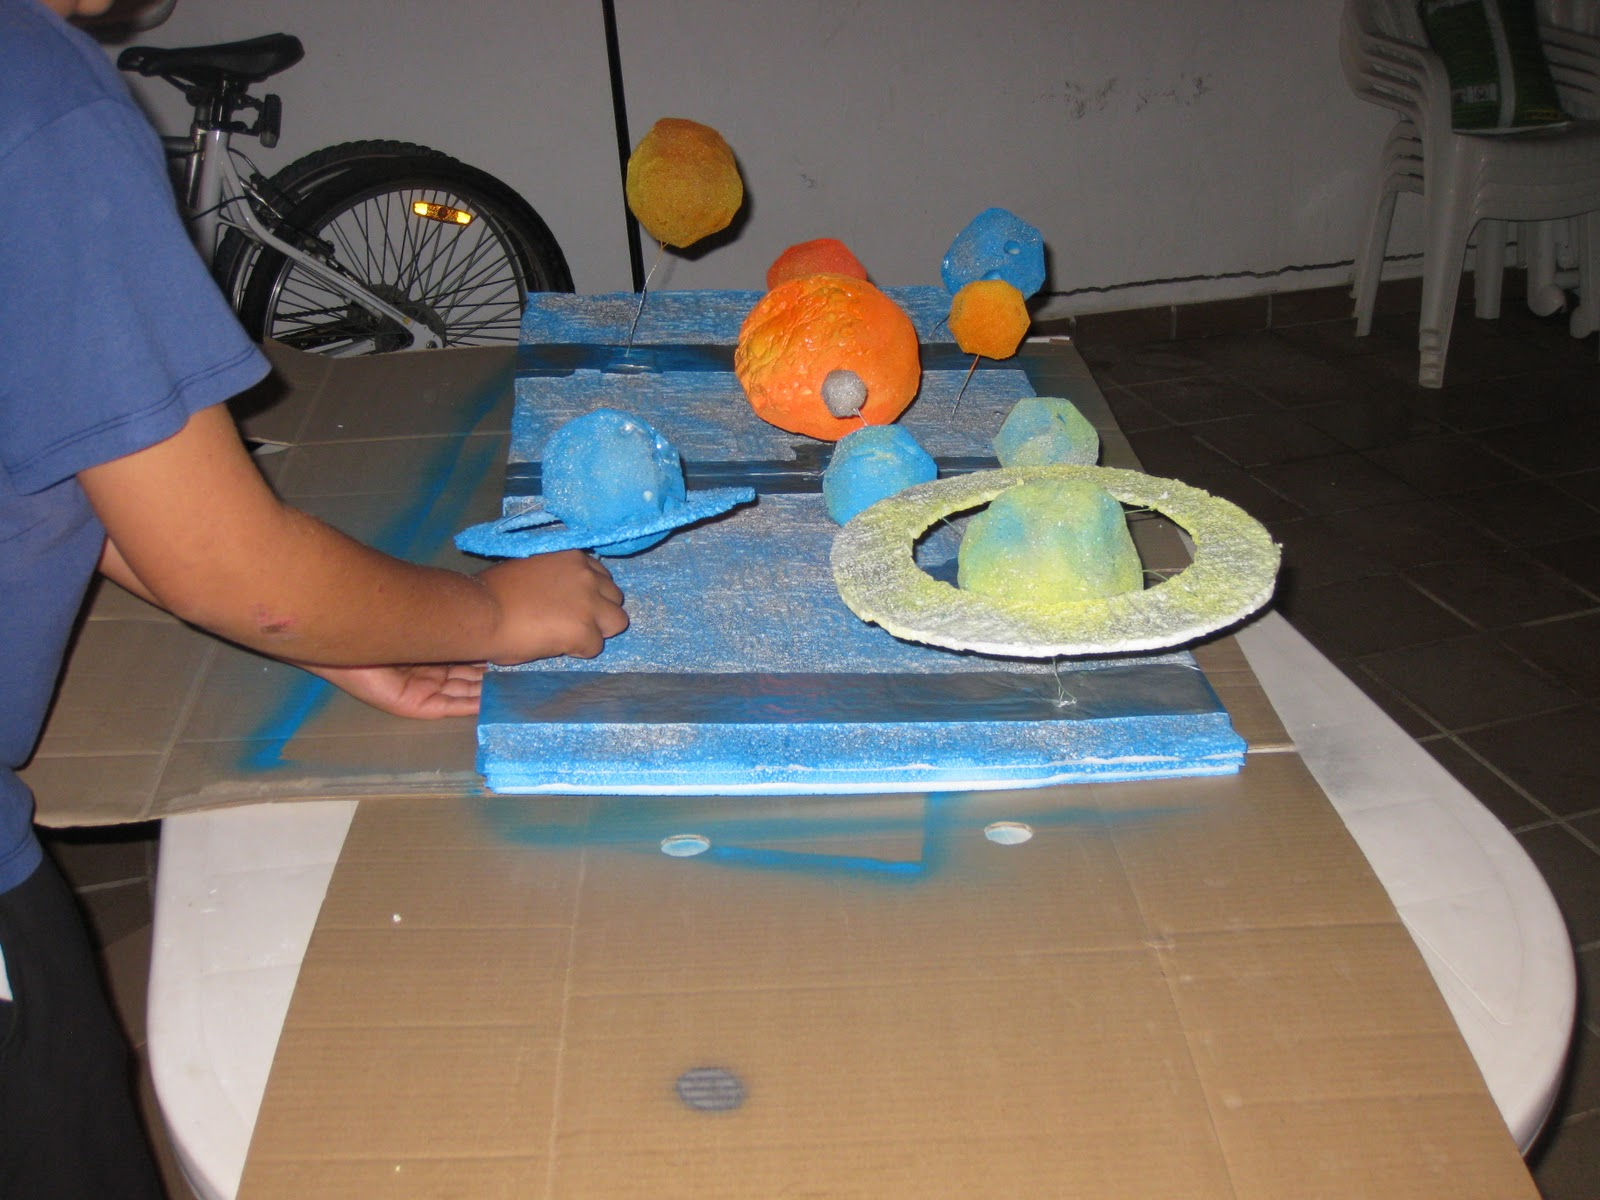 Astronom a creativa y planeta mundo c mo hacer el sistema for Como hacer un proyecto de comedor infantil